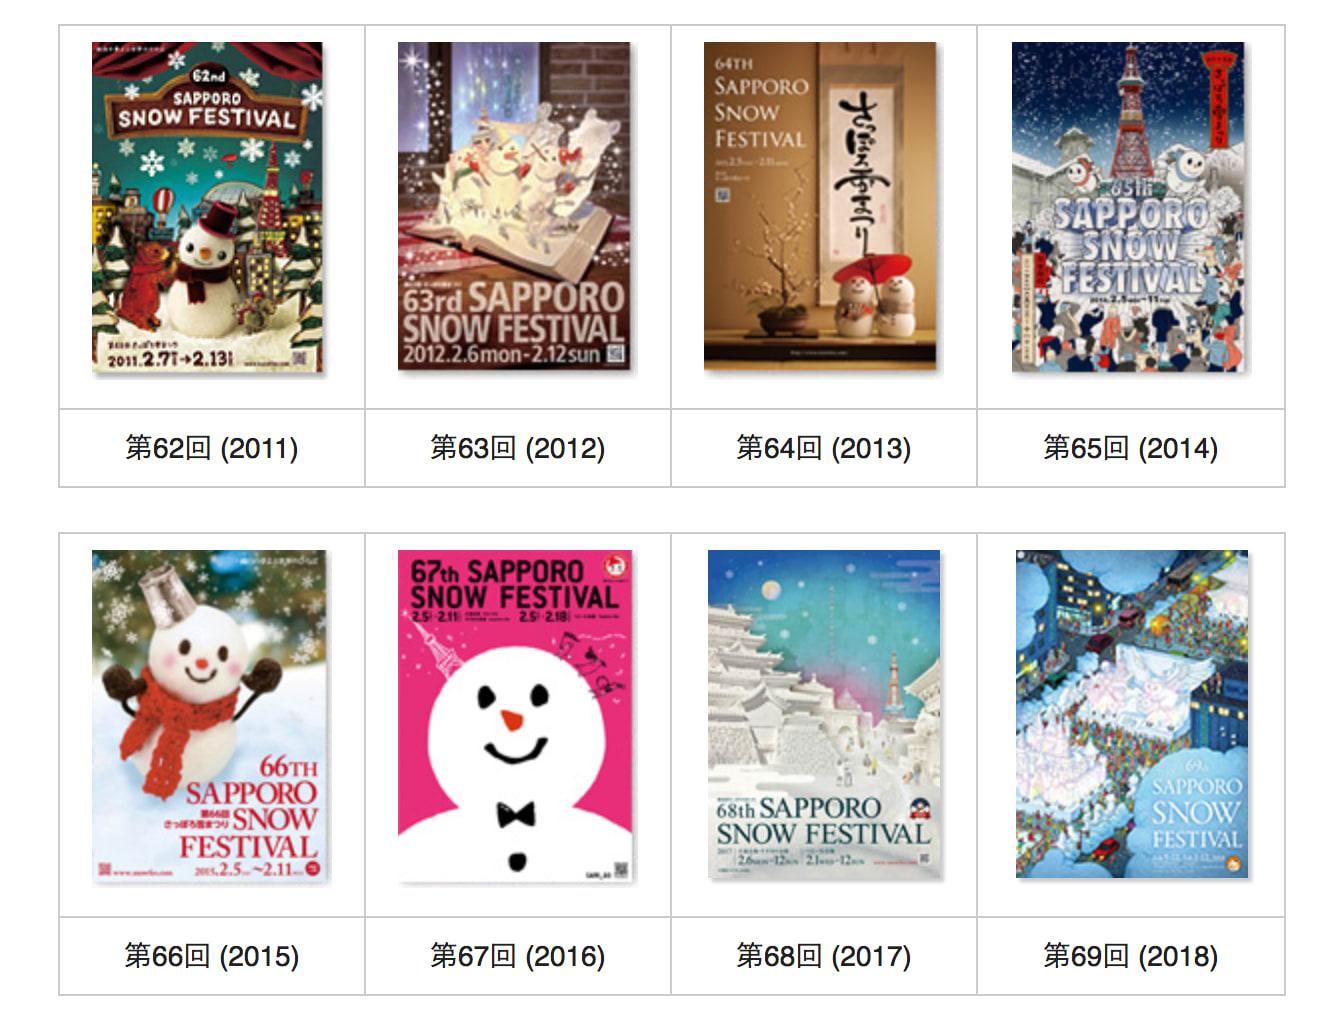 札幌雪祭歷年活動海報,設計別出心裁。(圖片取自www.snowfes.com)